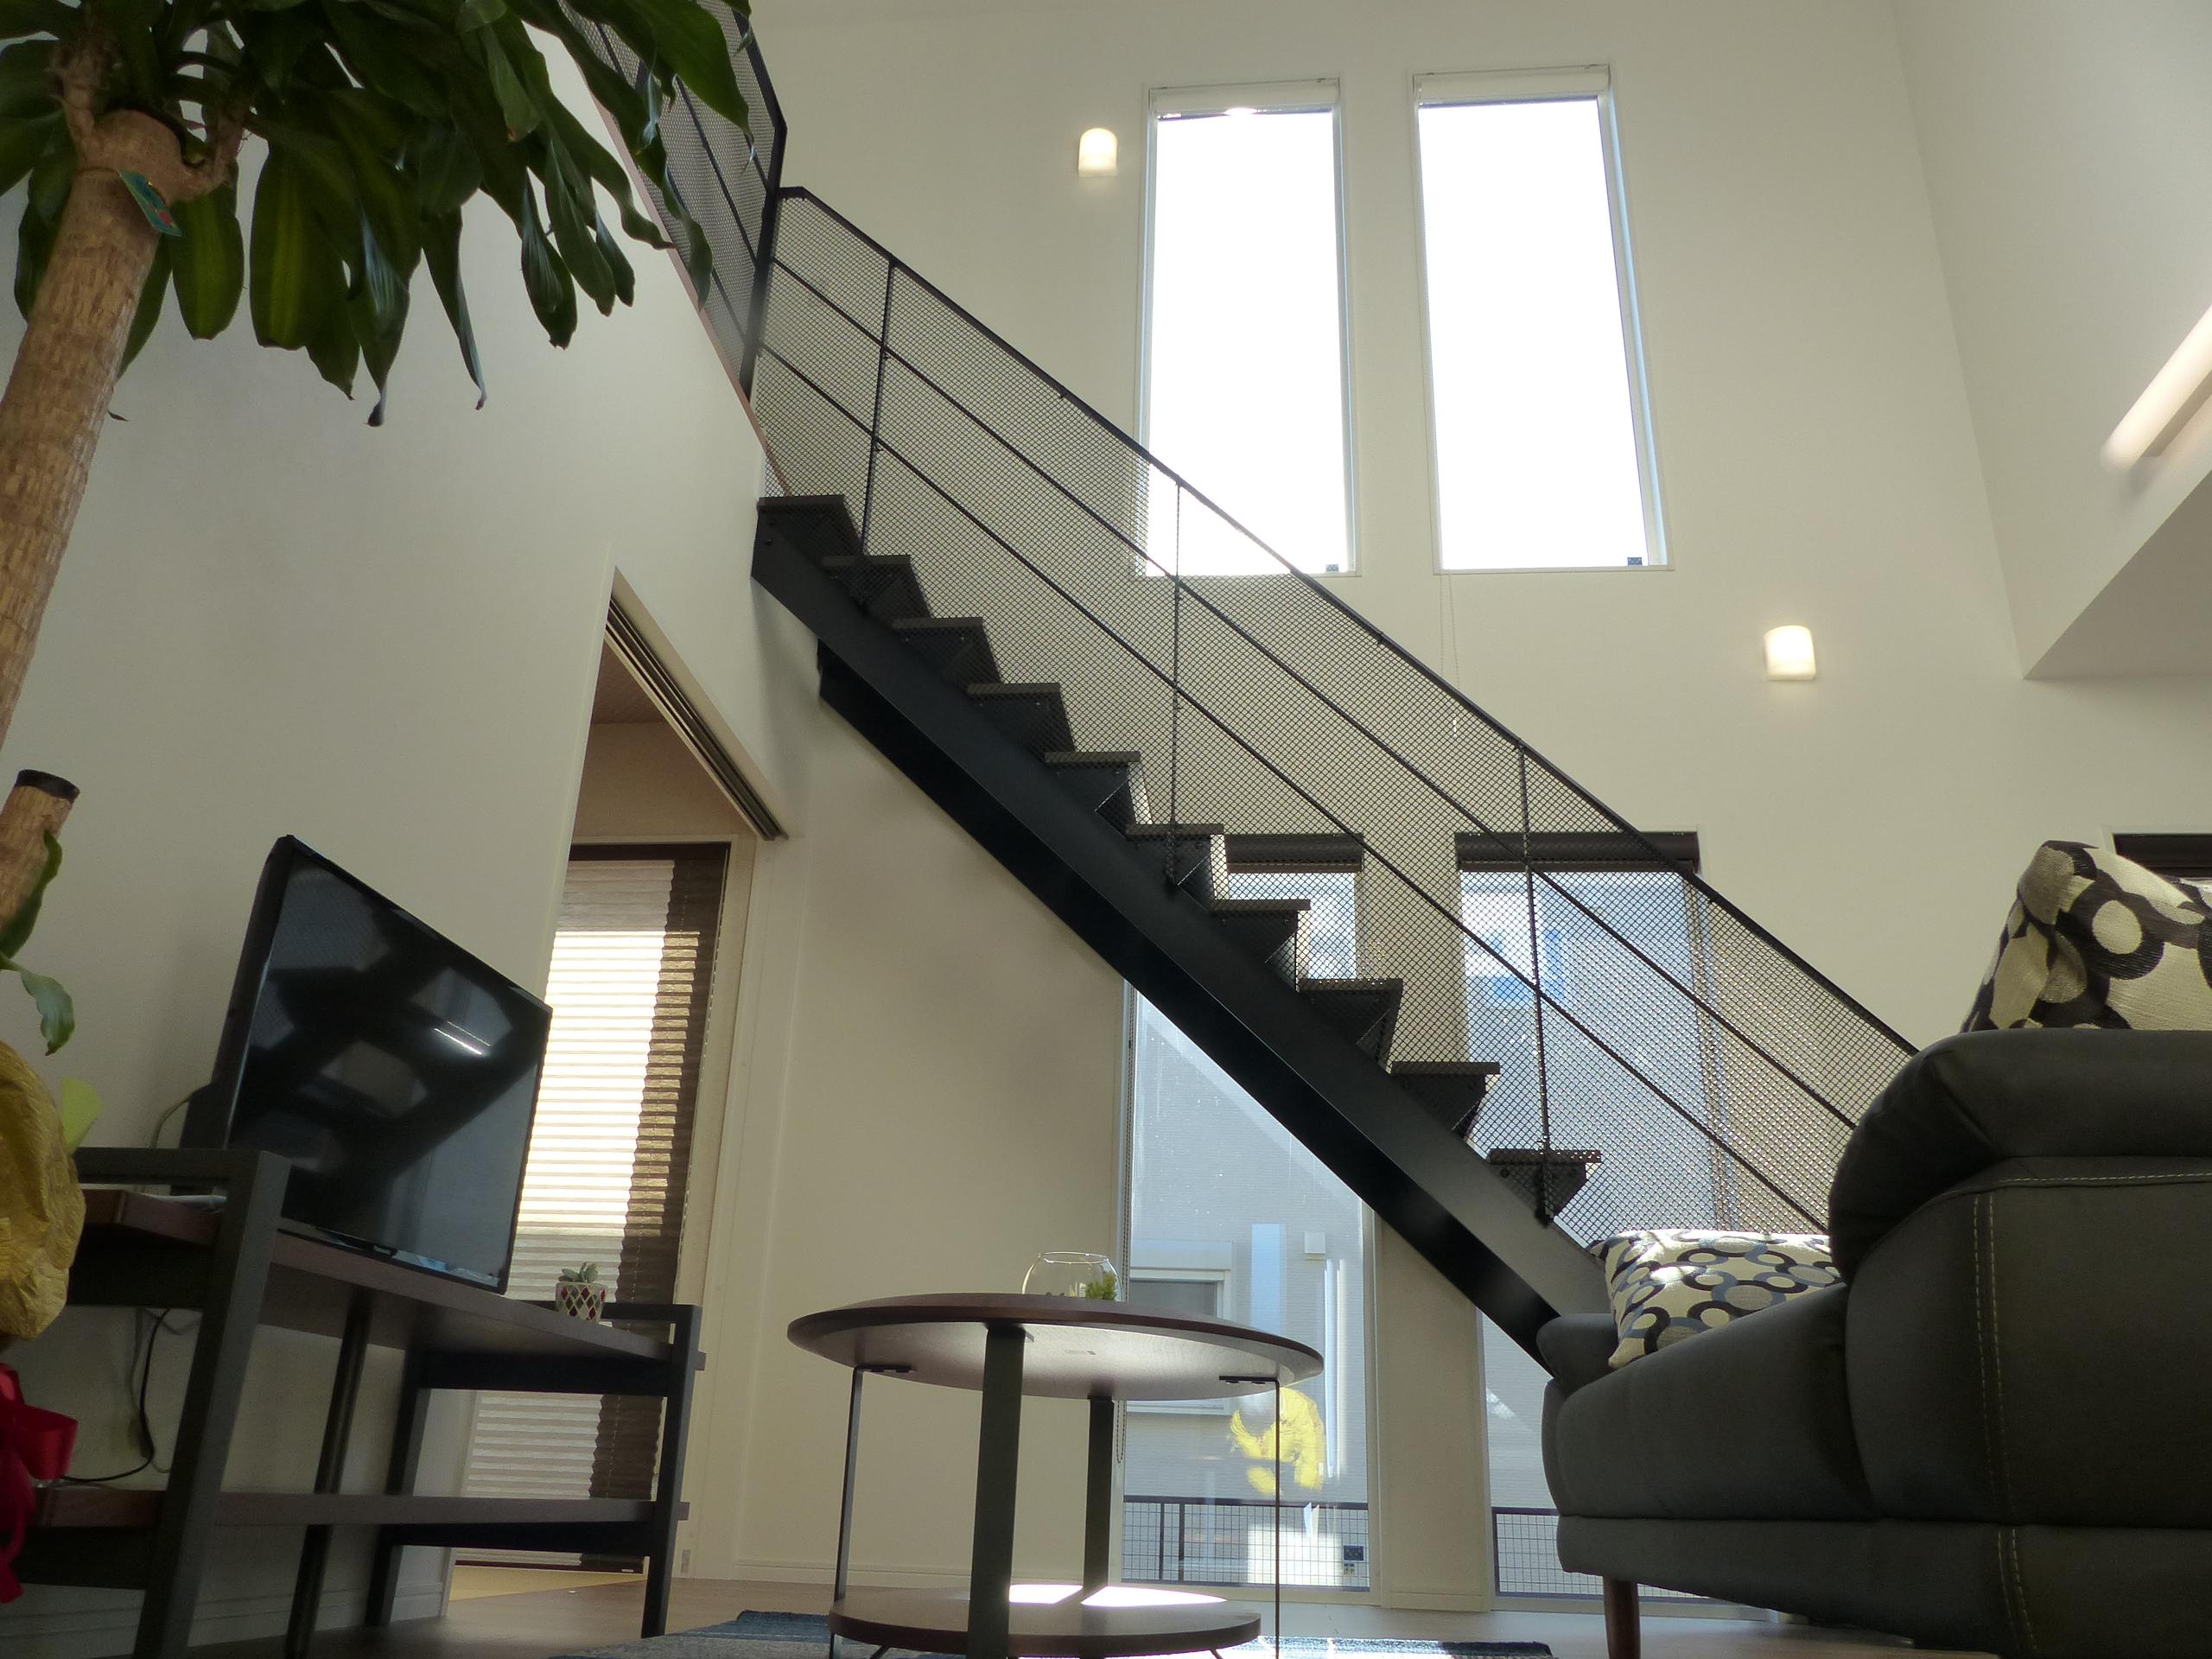 室内はコンパクトな住宅とは思えないほどの開放的な空間です。